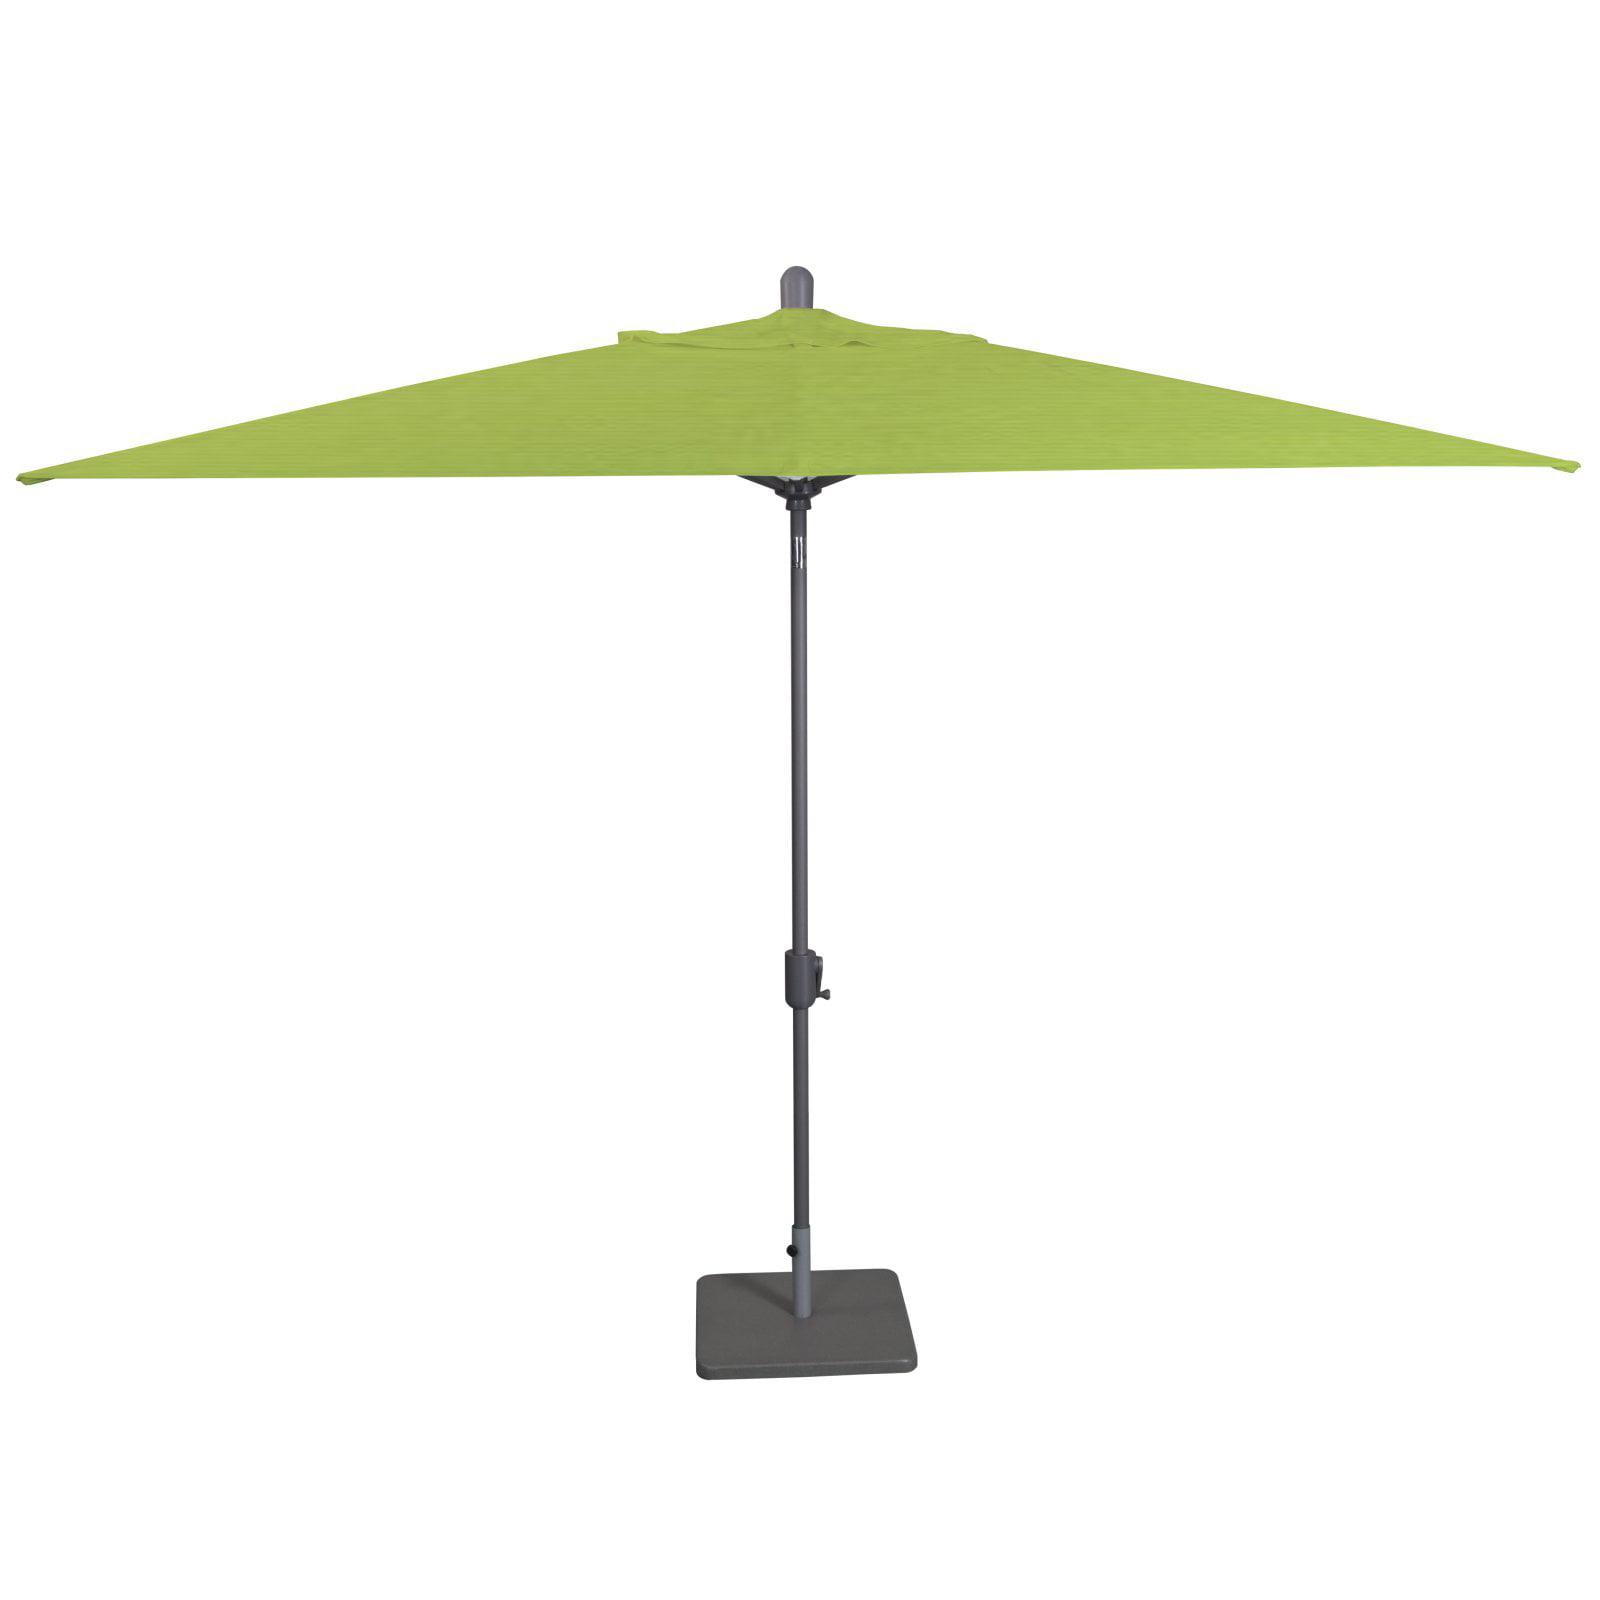 Beau Amauri Laguna Cove 10 Ft. X 6.5 Ft. Rectangular Sunbrella Auto Tilt  Aluminum Market Patio Umbrella